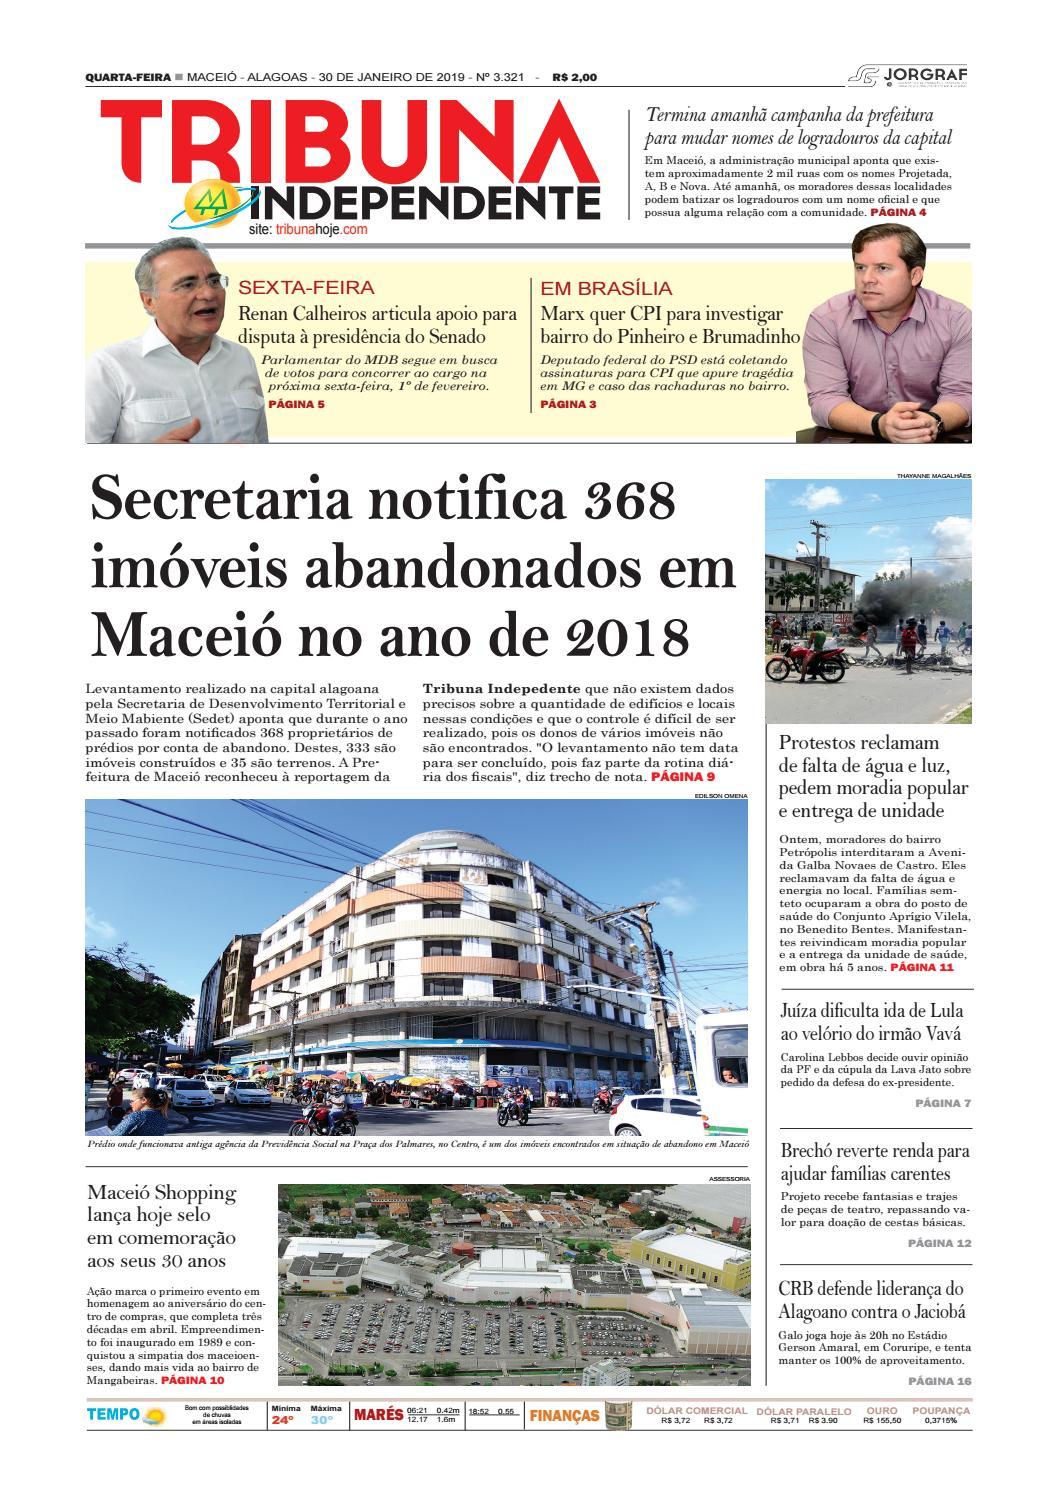 74b425beb Edição número 3321 - 30 de janeiro de 2019 by Tribuna Hoje - issuu